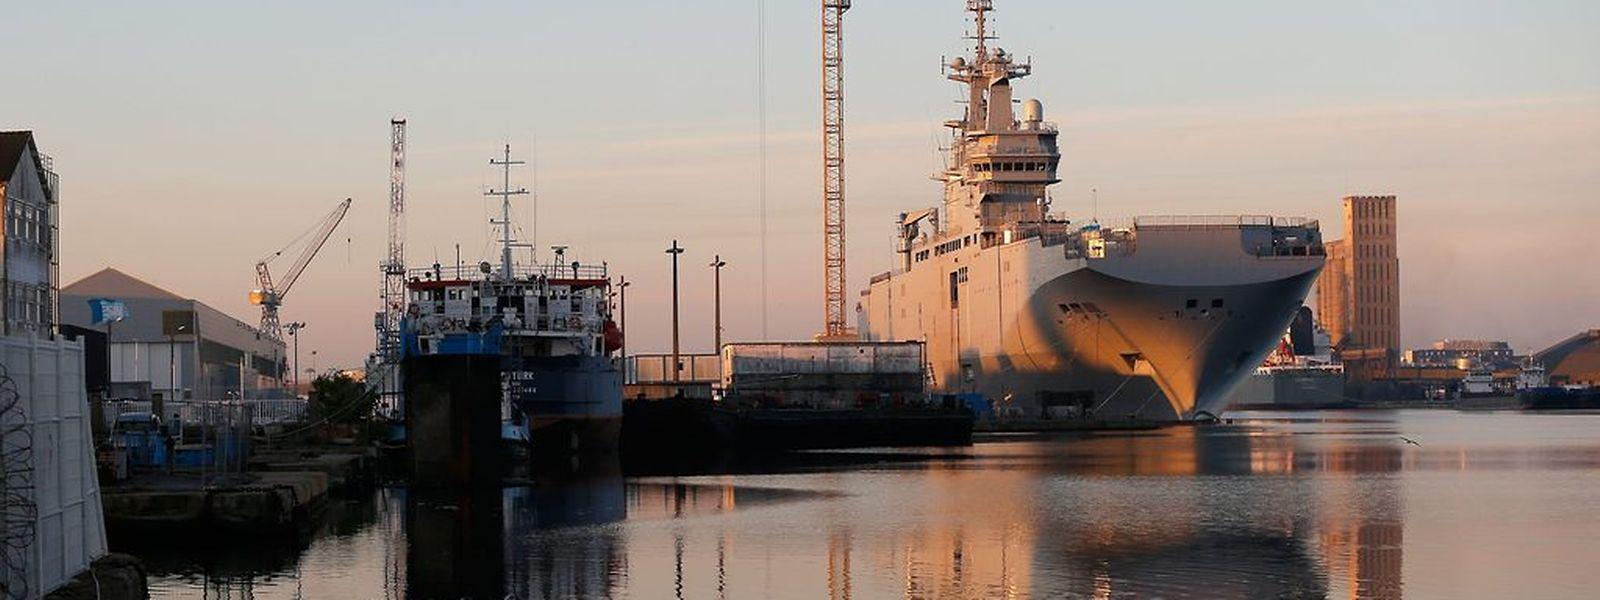 Frankreich liefert einen Hubschrauberträger der Mistral-Klasse vorerst nicht nach Russland aus. Moskau muss sich auf weitere Wirtschaftssanktionen gefasst machen, die unter anderem den Rüstungsbereich betreffen.